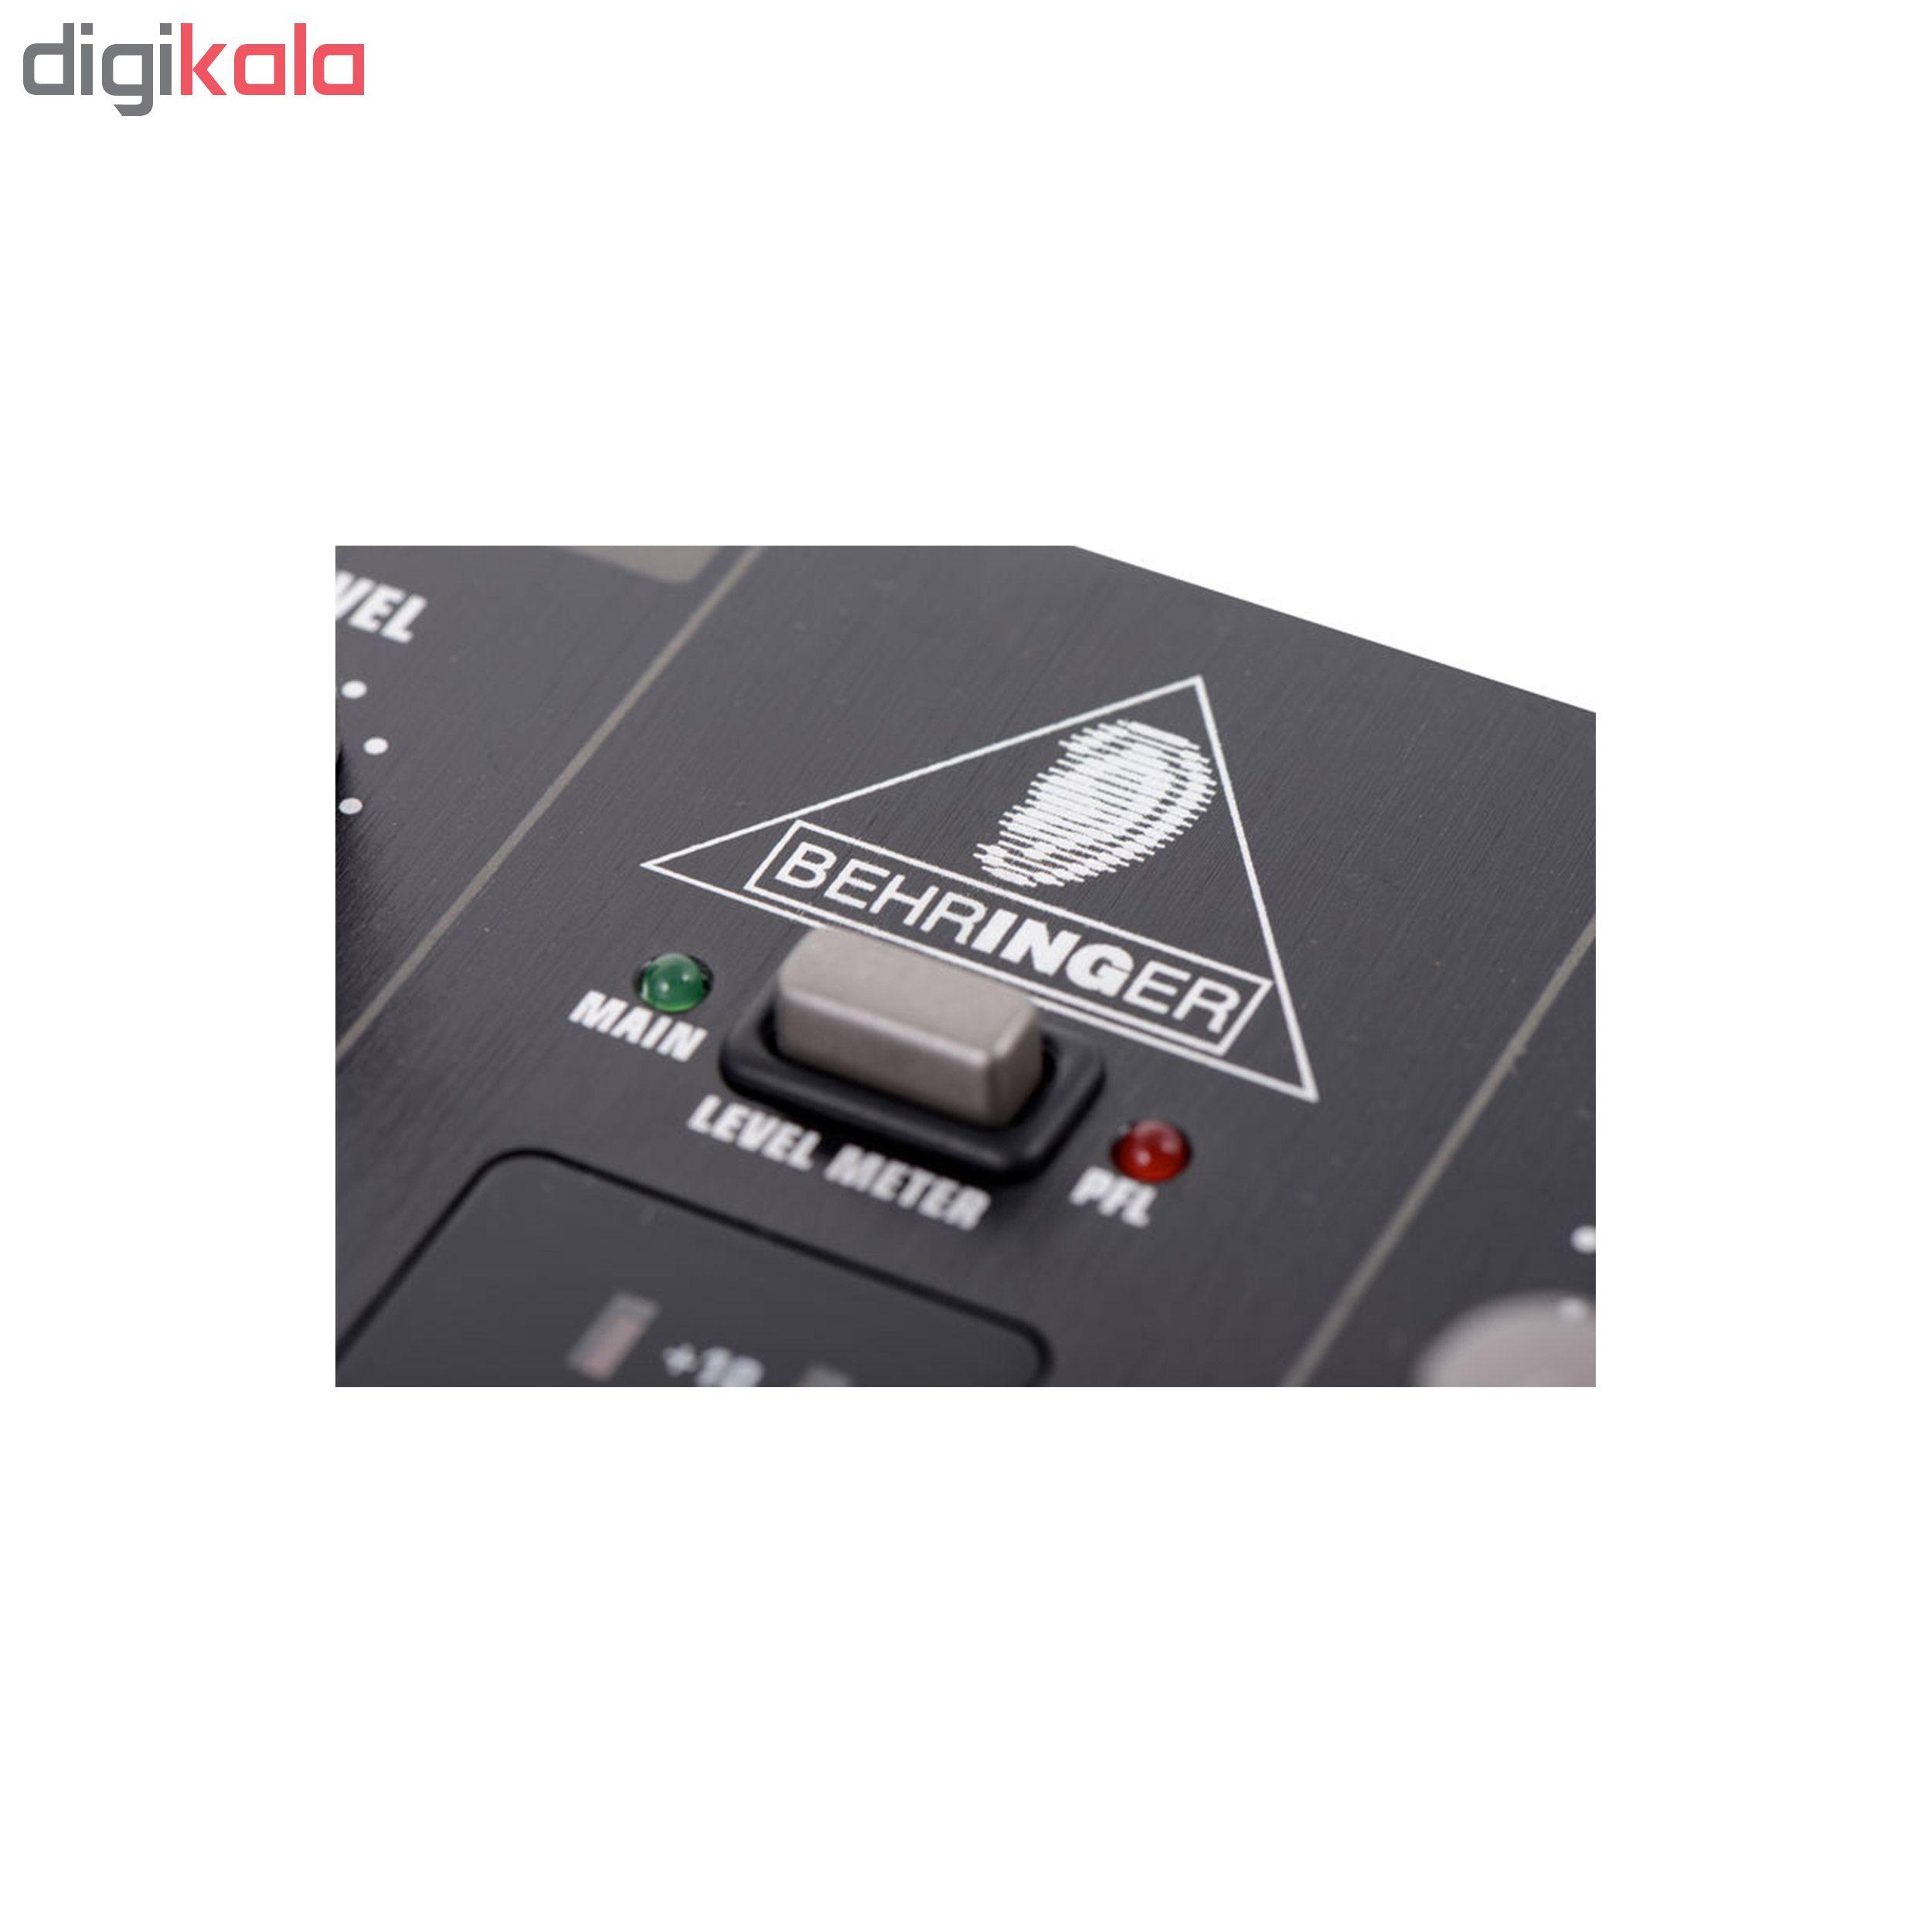 میکسر دی جی بهرینگر مدل VMX100 USB main 1 5